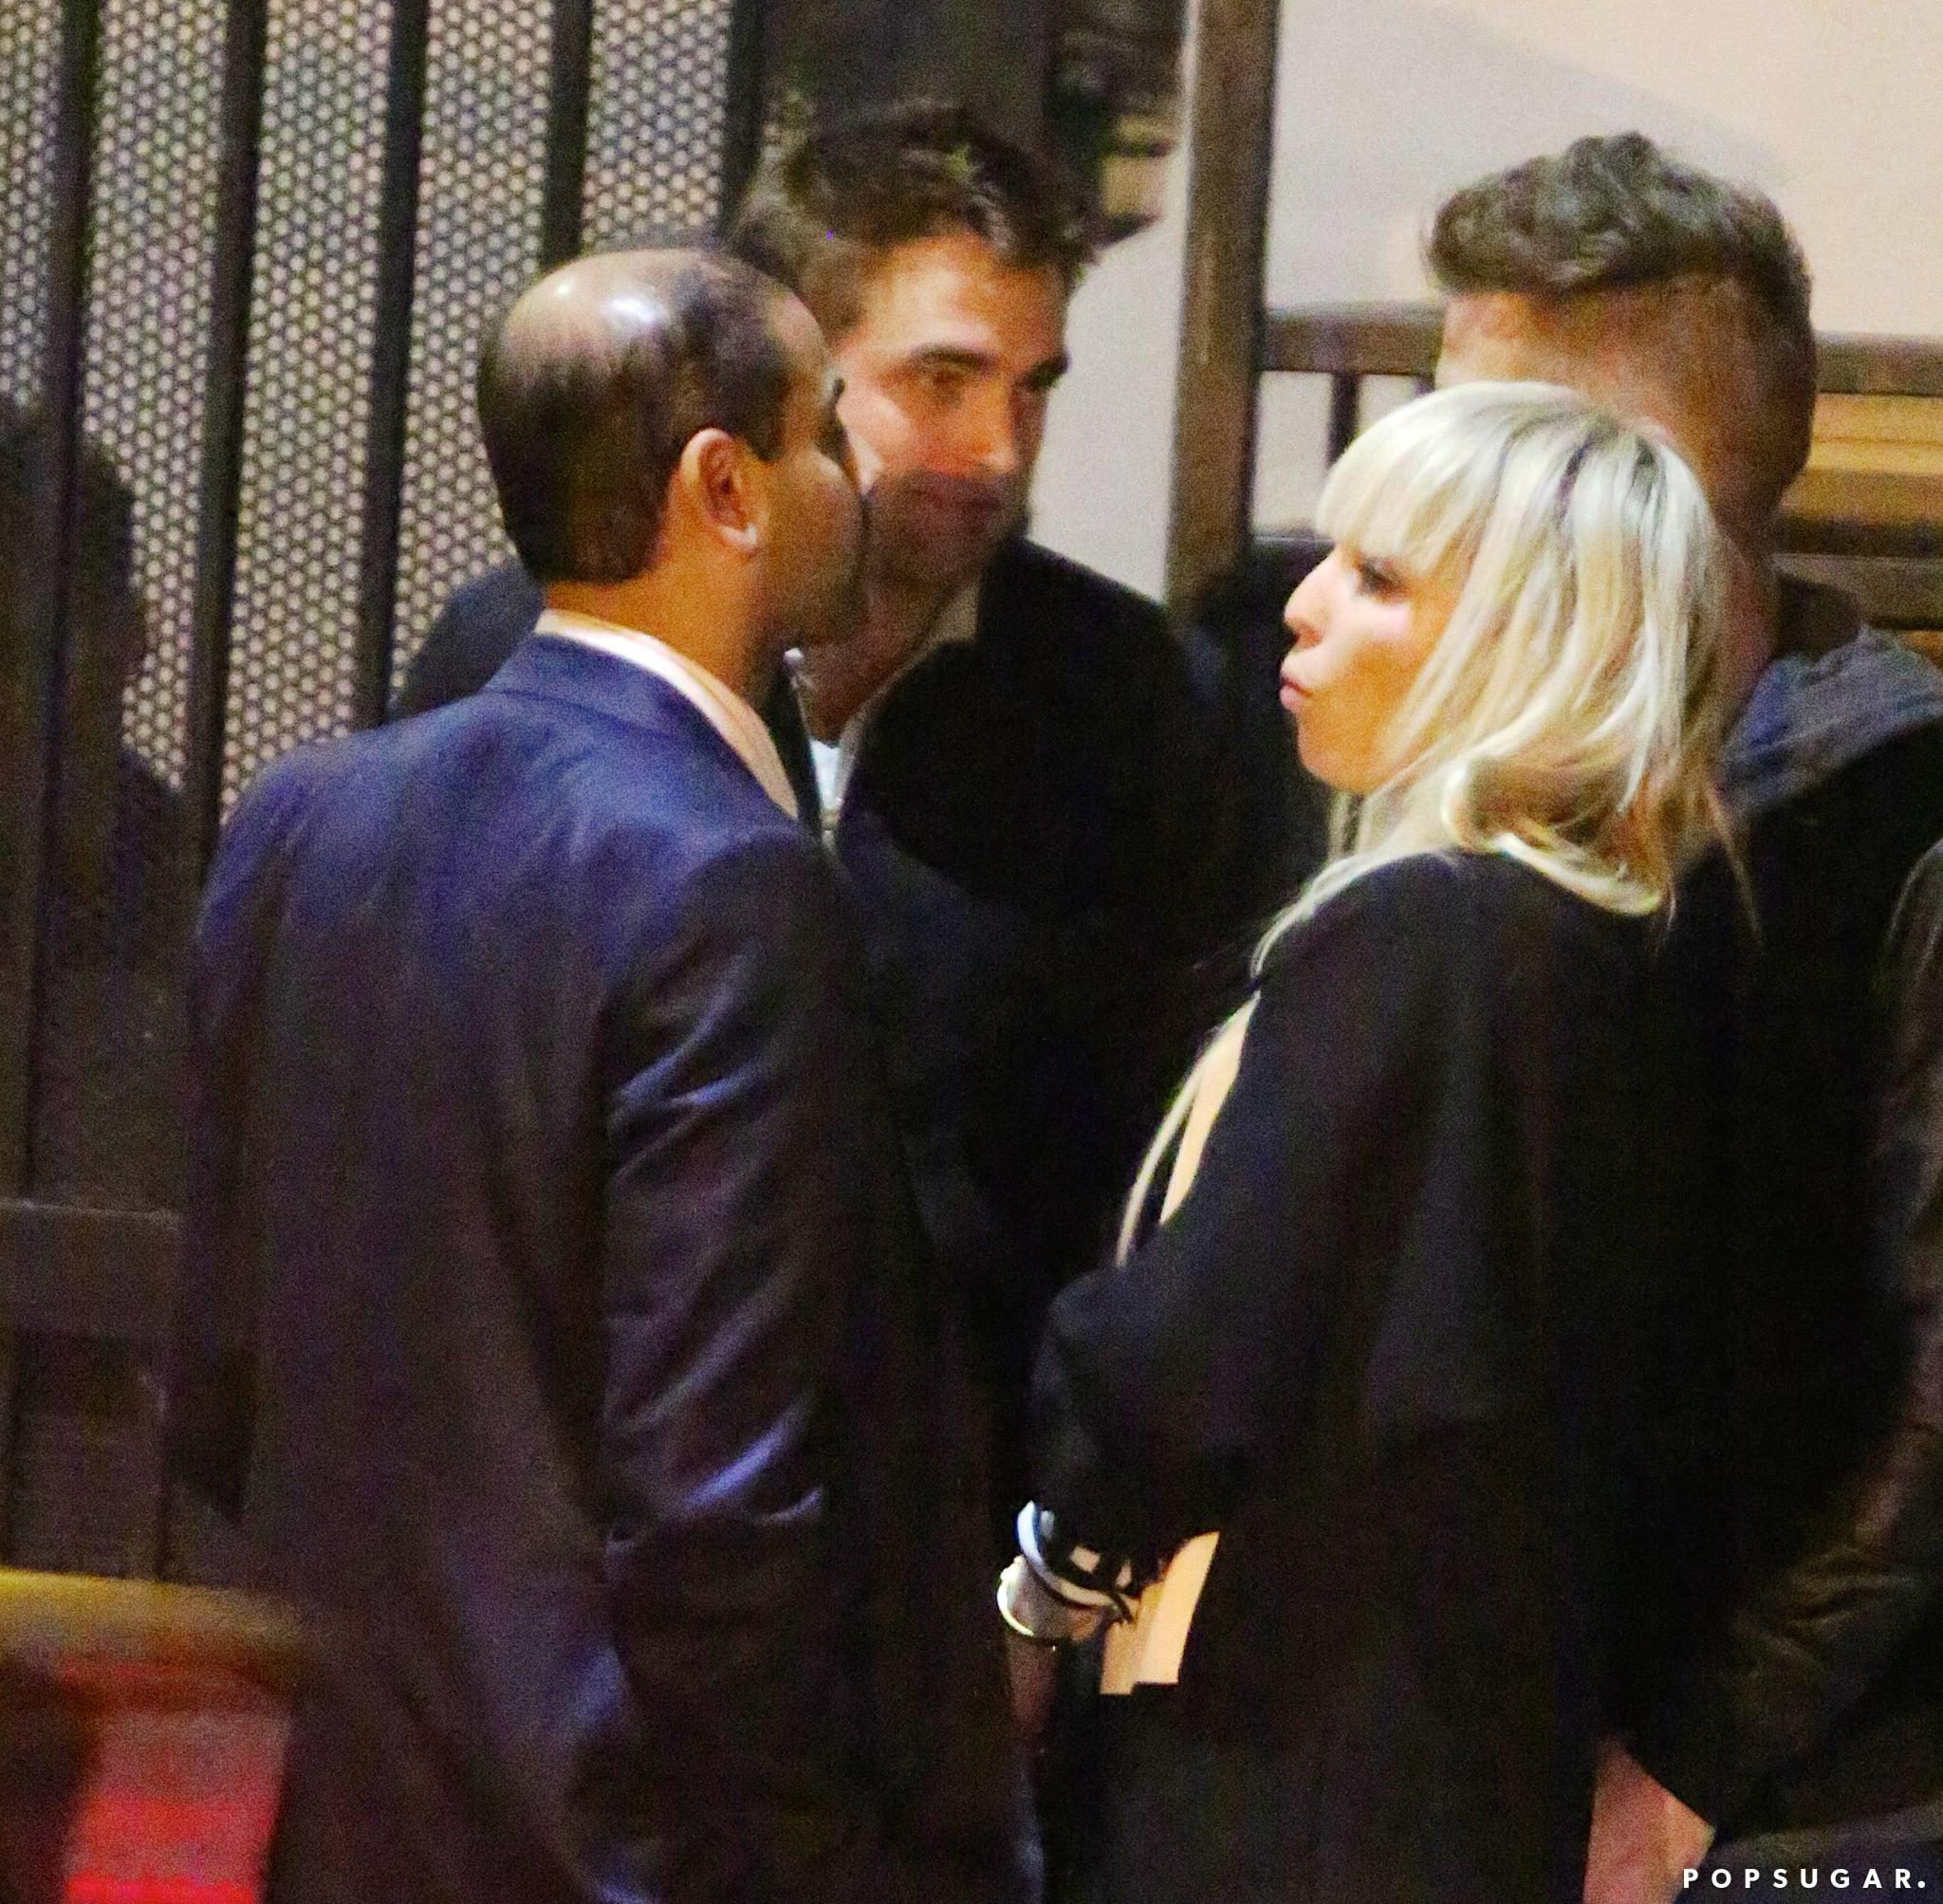 Will Robert Pattinson Run Into Kristen Stewart in Cannes?